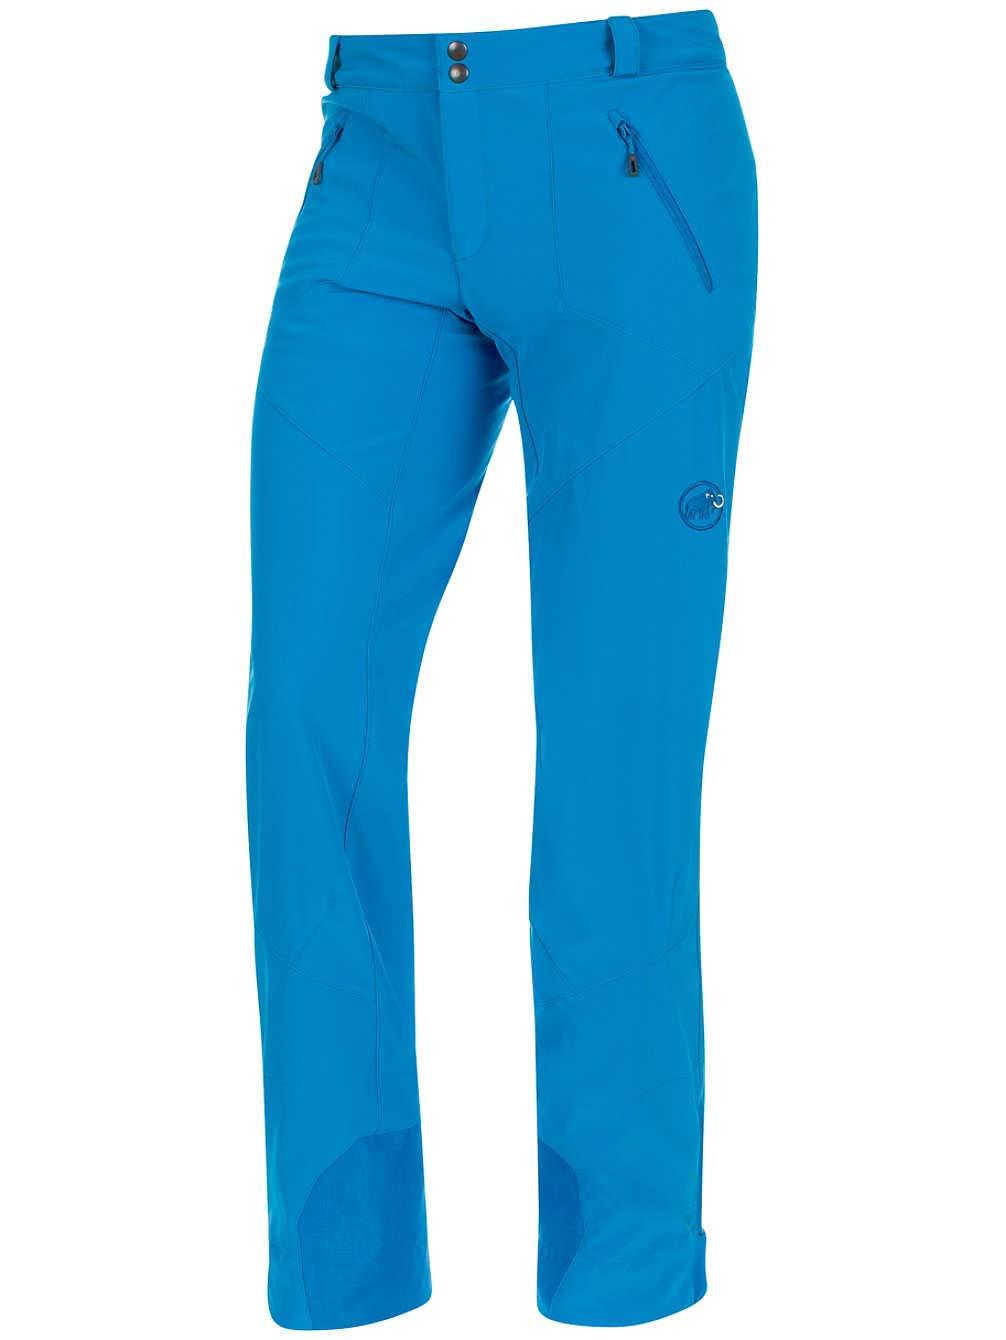 Mammut TATRAMAR SO - Pantalón, Hombre, Azul(Imperial)